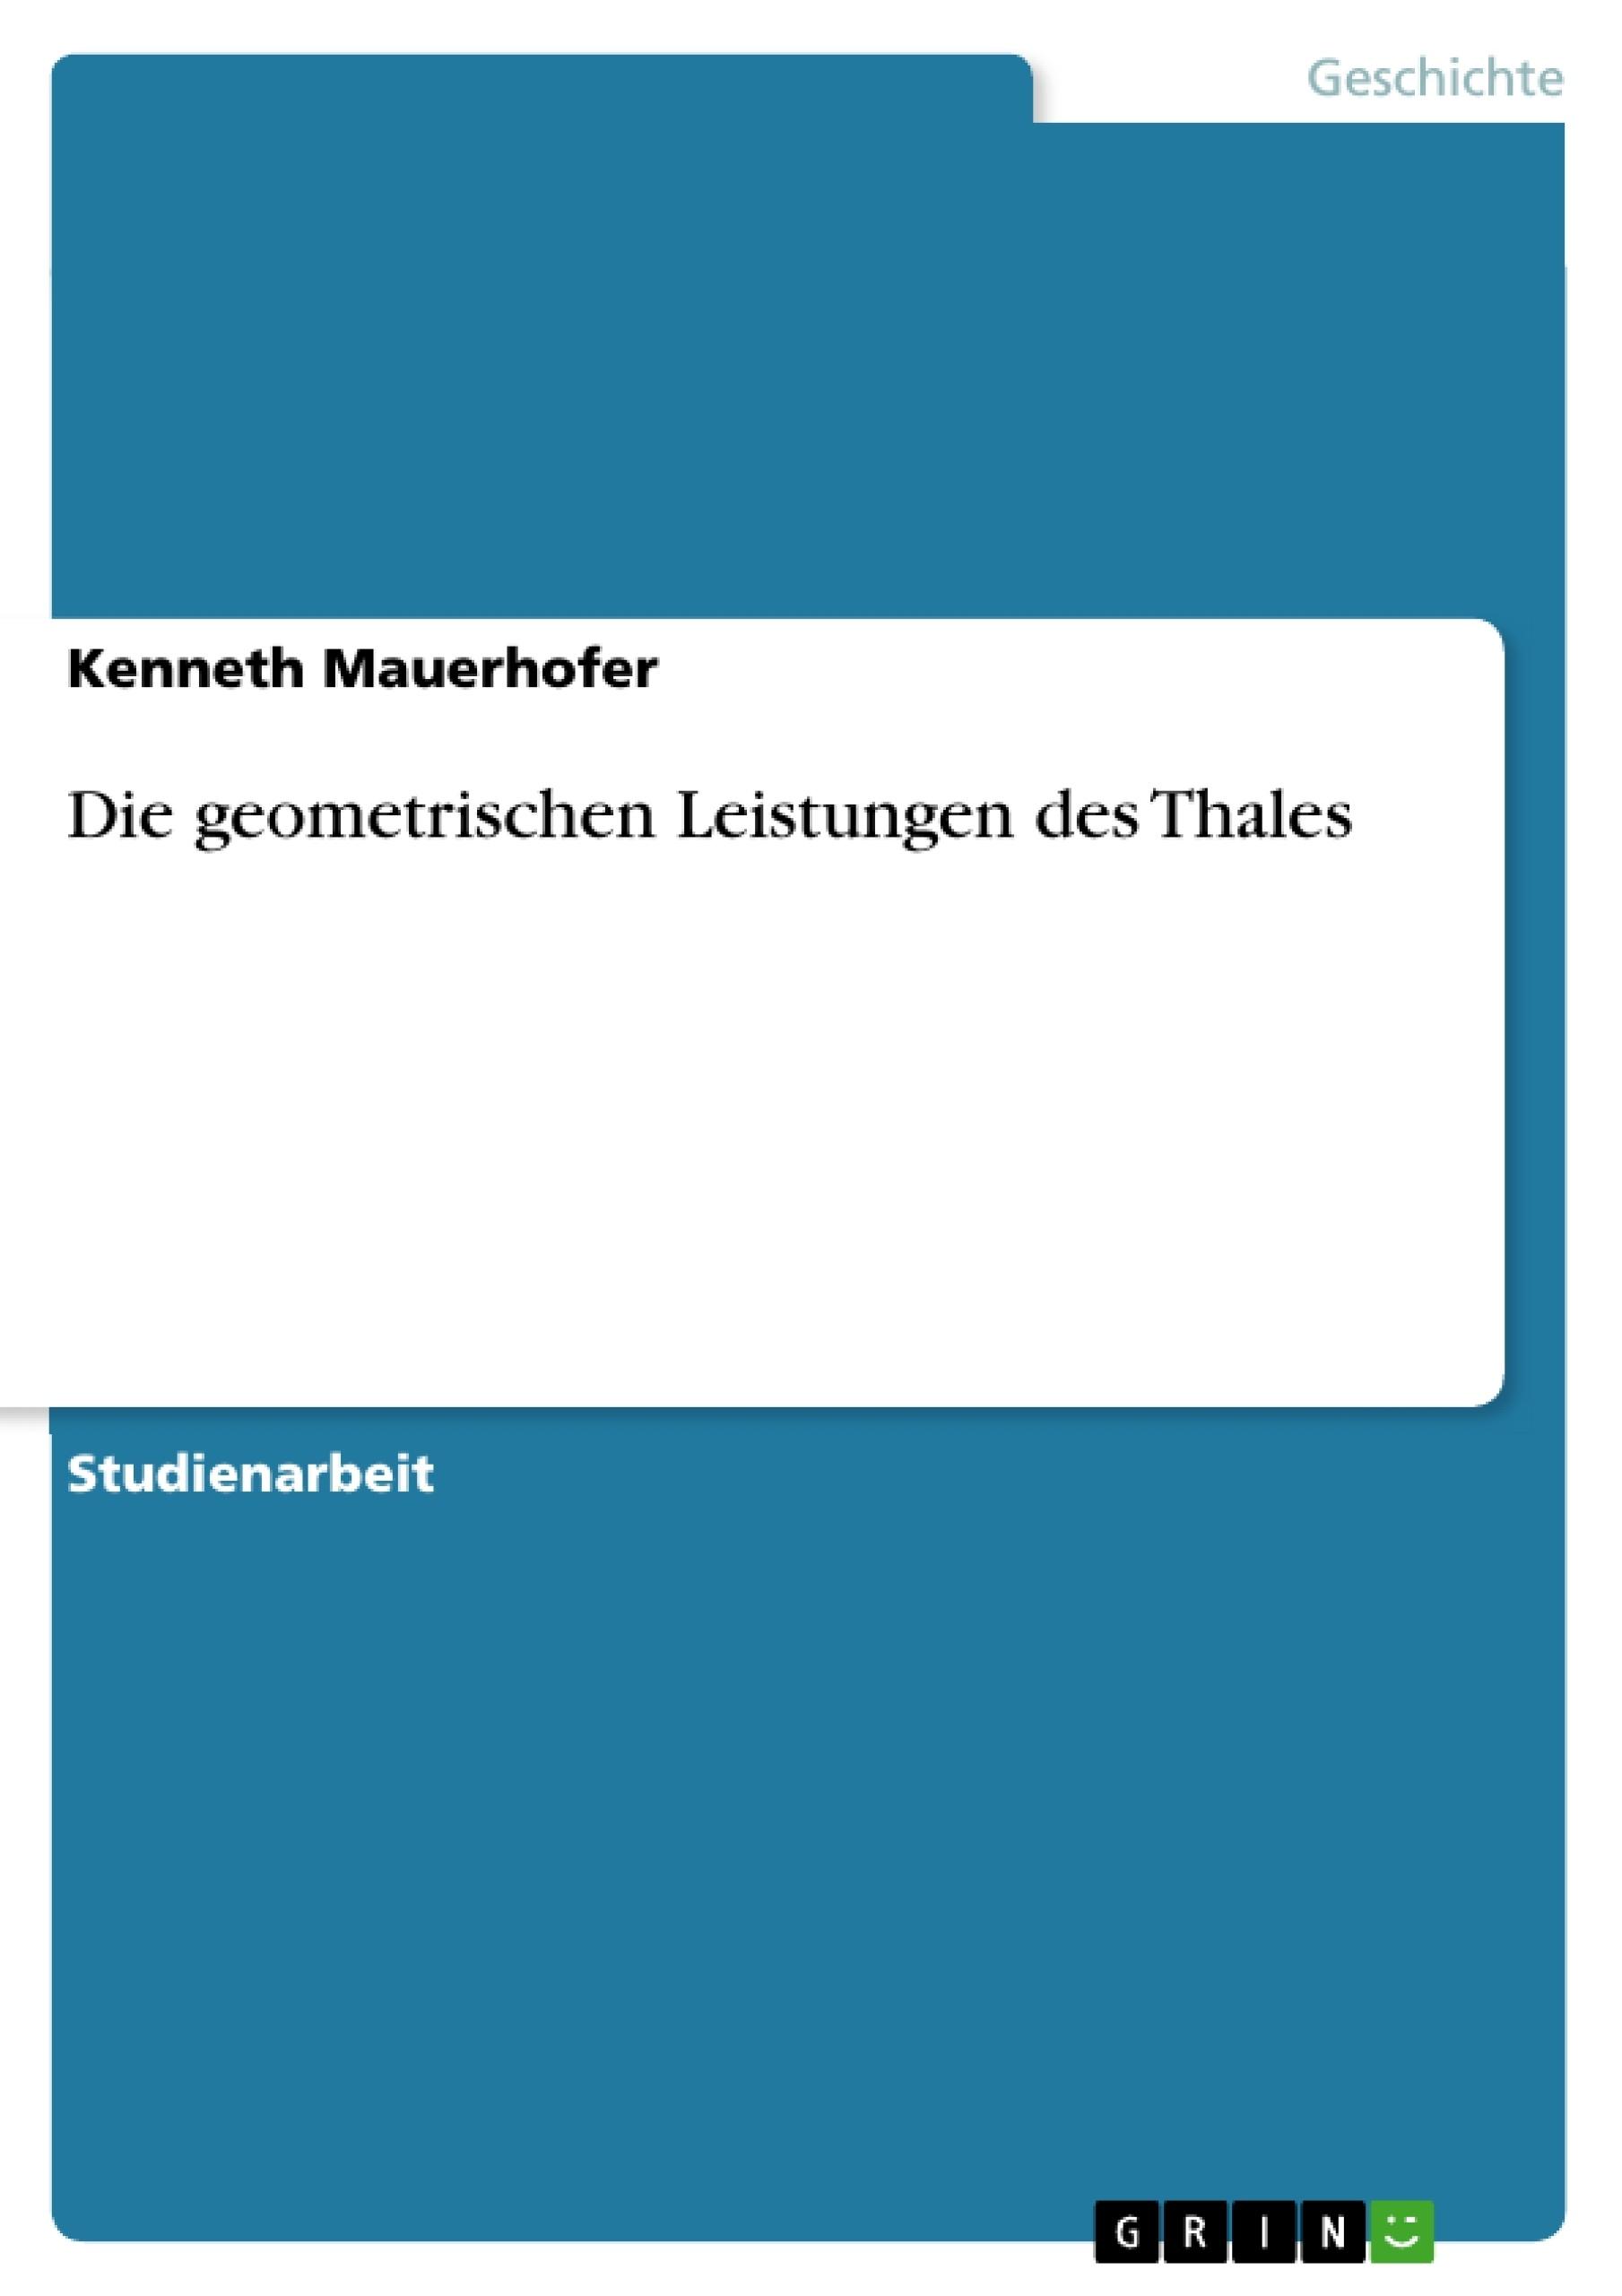 Titel: Die geometrischen Leistungen des Thales